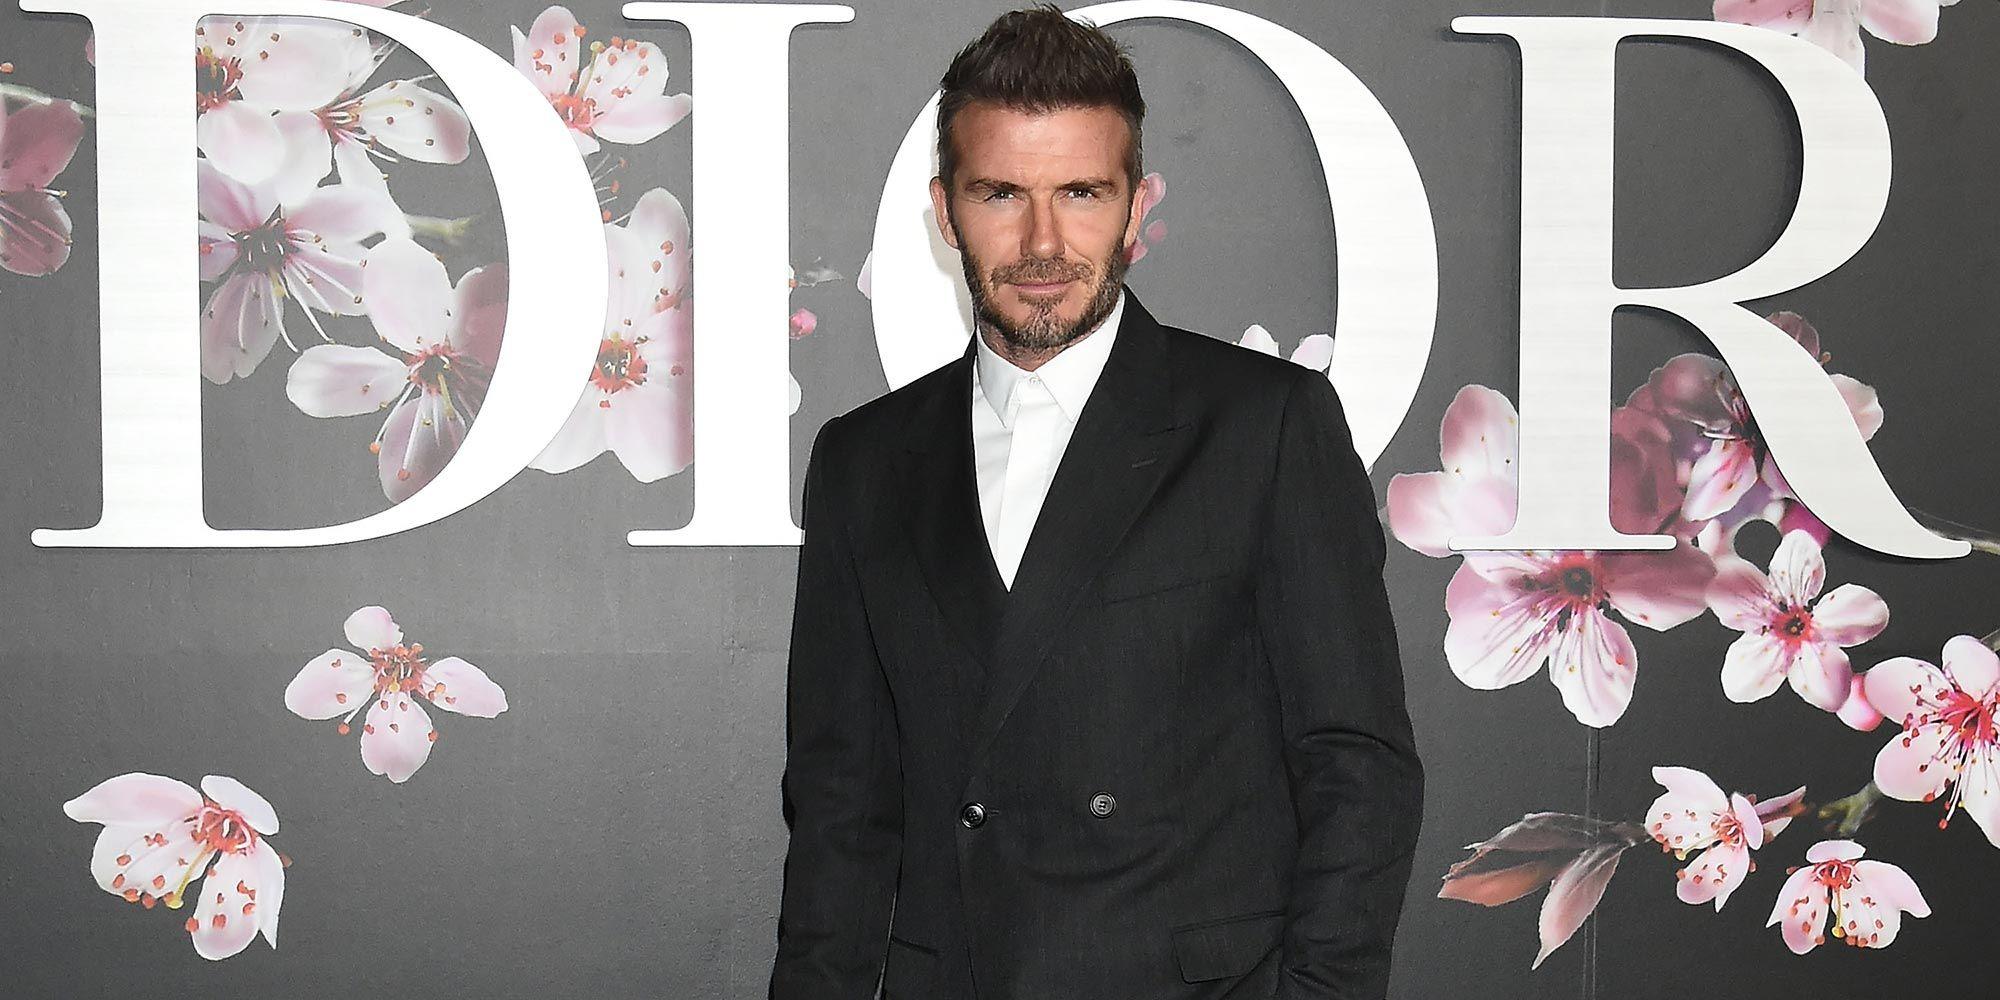 La David Cravatta È Fuori Beckham Moda Conferma FwqwfExOP 694bbeb4cc8